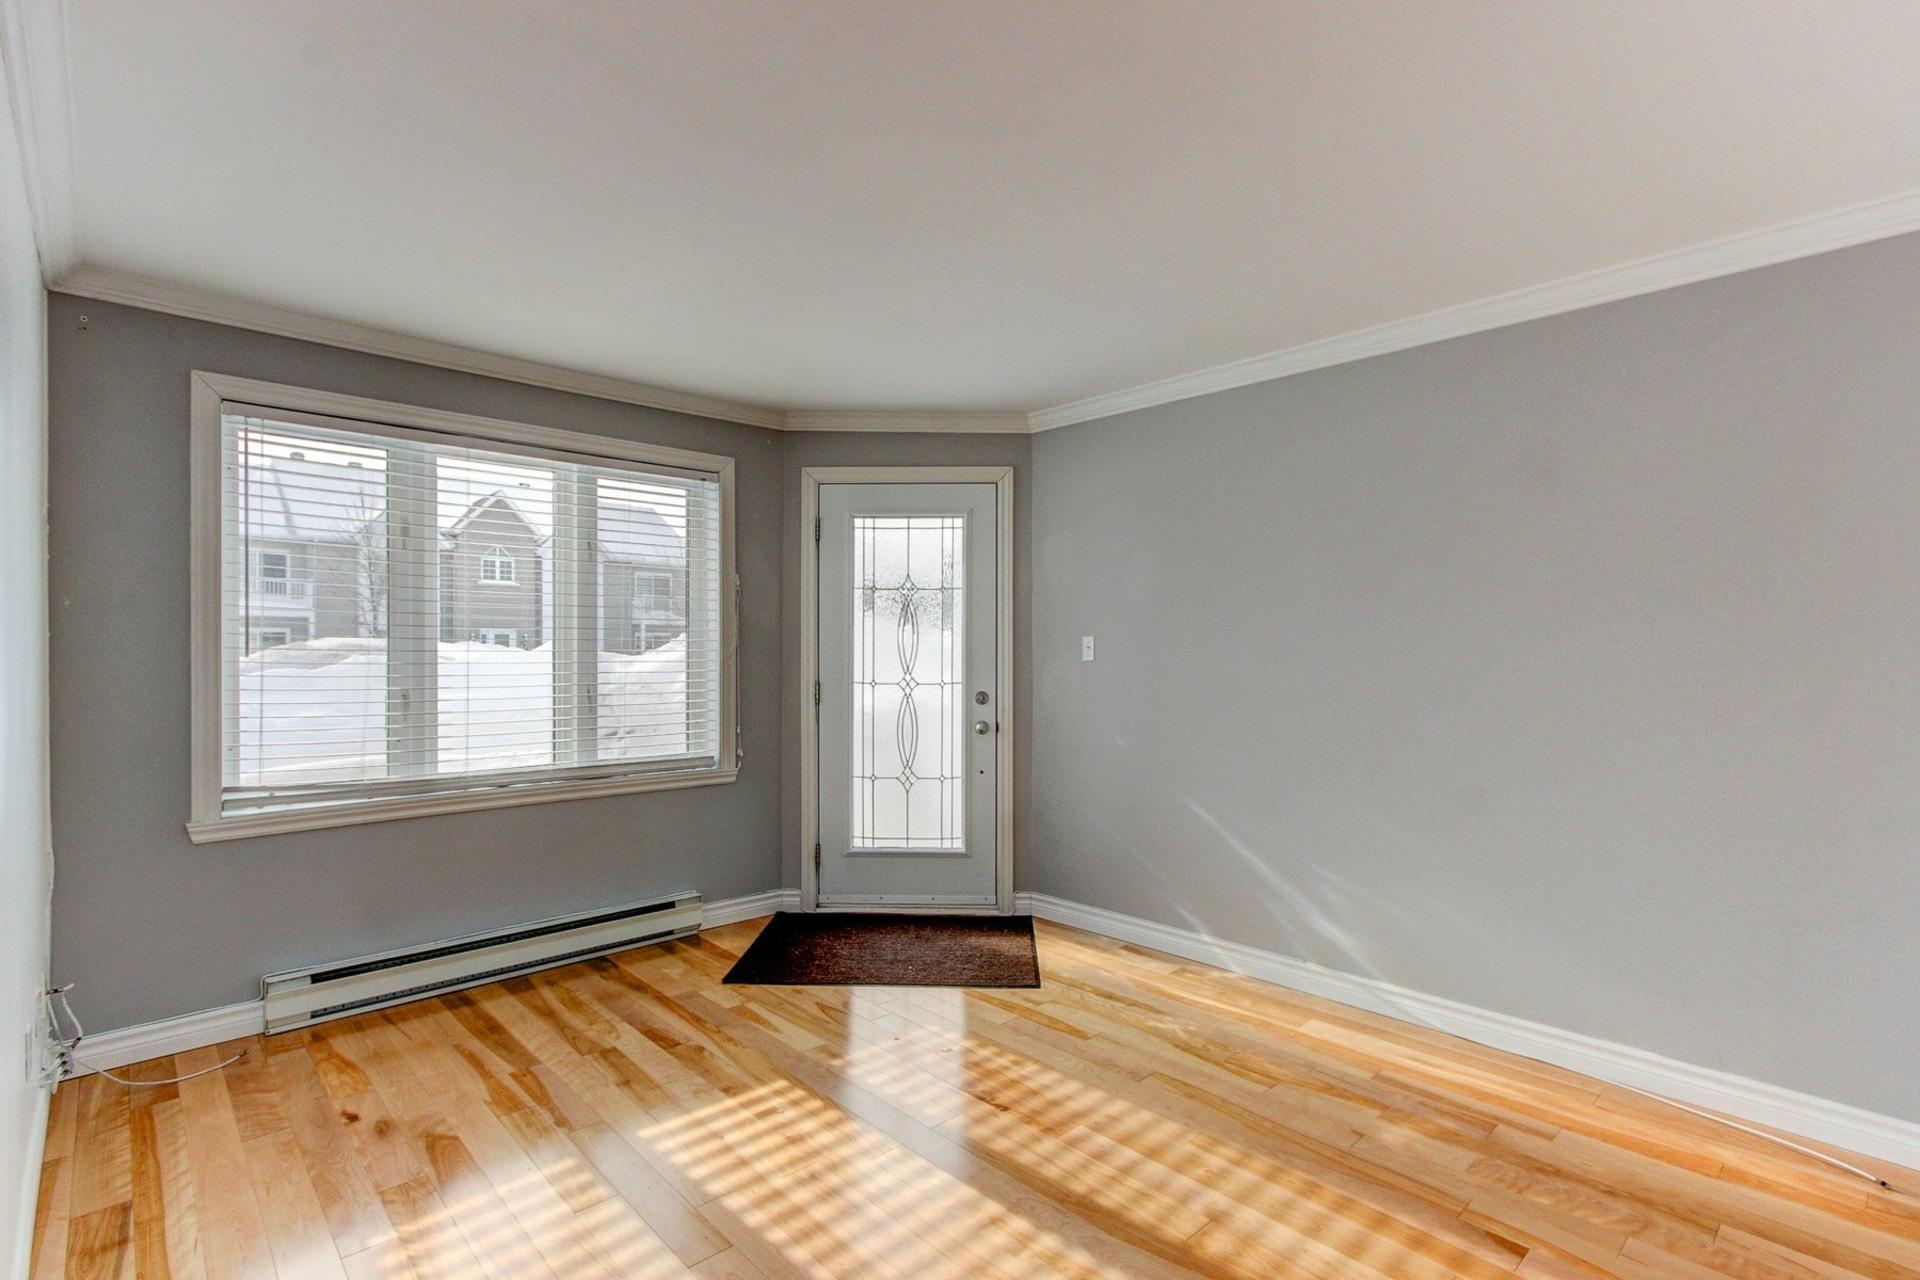 image 4 - Apartment For sale Trois-Rivières - 6 rooms